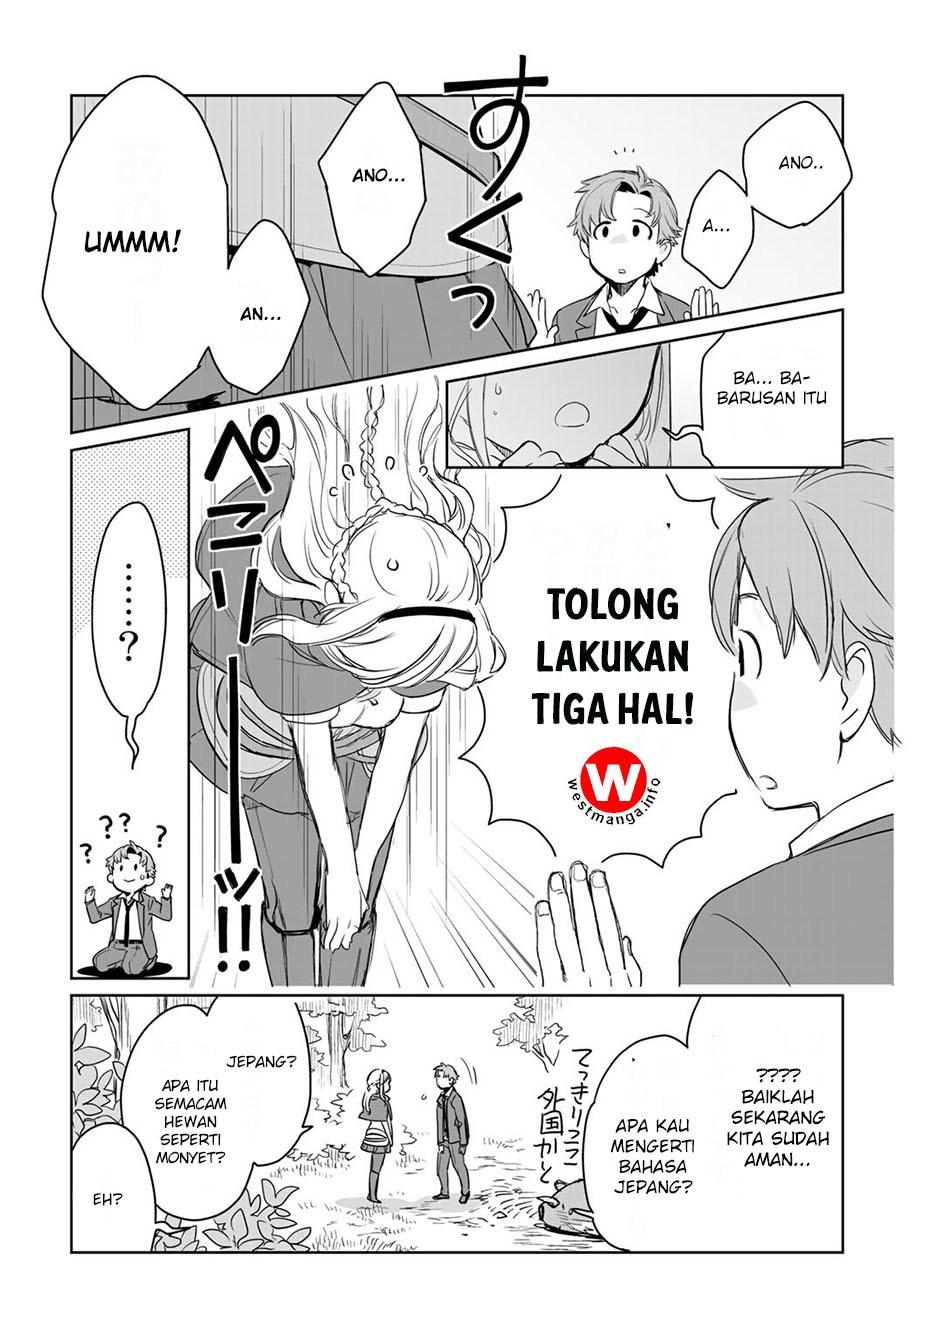 Dilarang COPAS - situs resmi www.mangacanblog.com - Komik isekai ni kita mitai dakedo ikan sureba yoi no darou 001 - chapter 1 2 Indonesia isekai ni kita mitai dakedo ikan sureba yoi no darou 001 - chapter 1 Terbaru 34 Baca Manga Komik Indonesia Mangacan